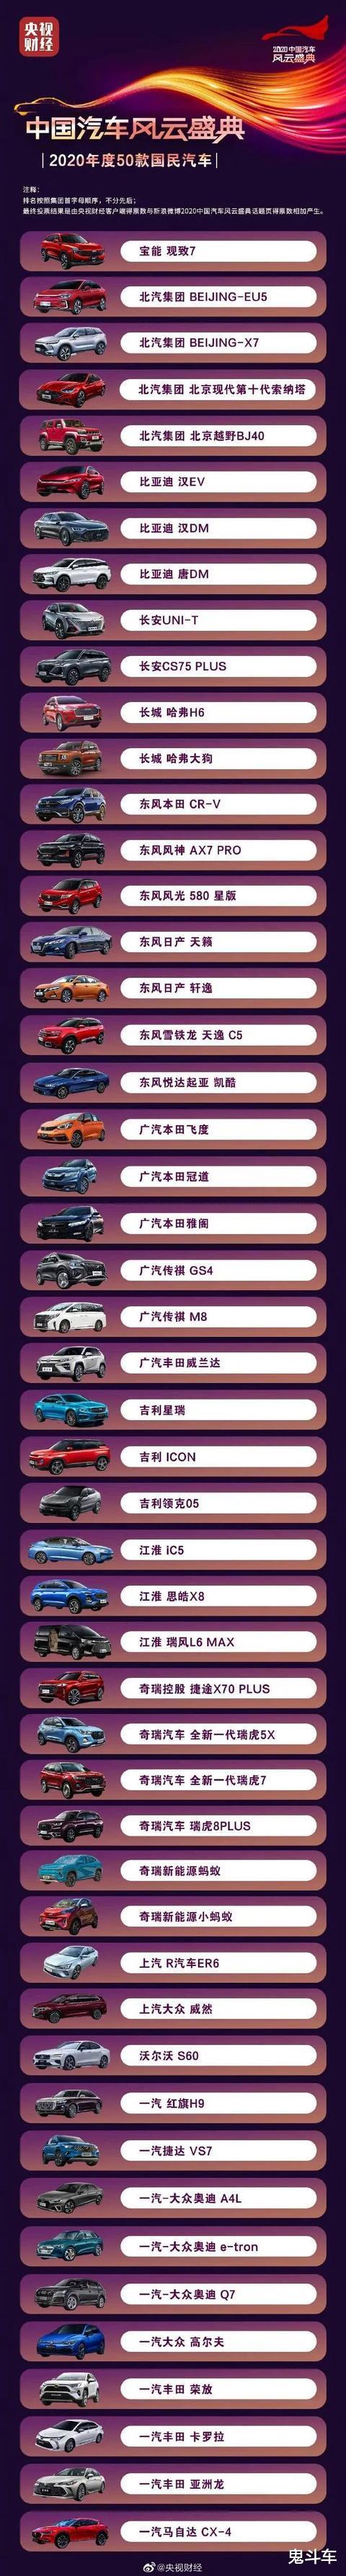 央視公佈2020年國民汽車榜 網友:誰評的?你收奇瑞黑錢瞭唄-圖3